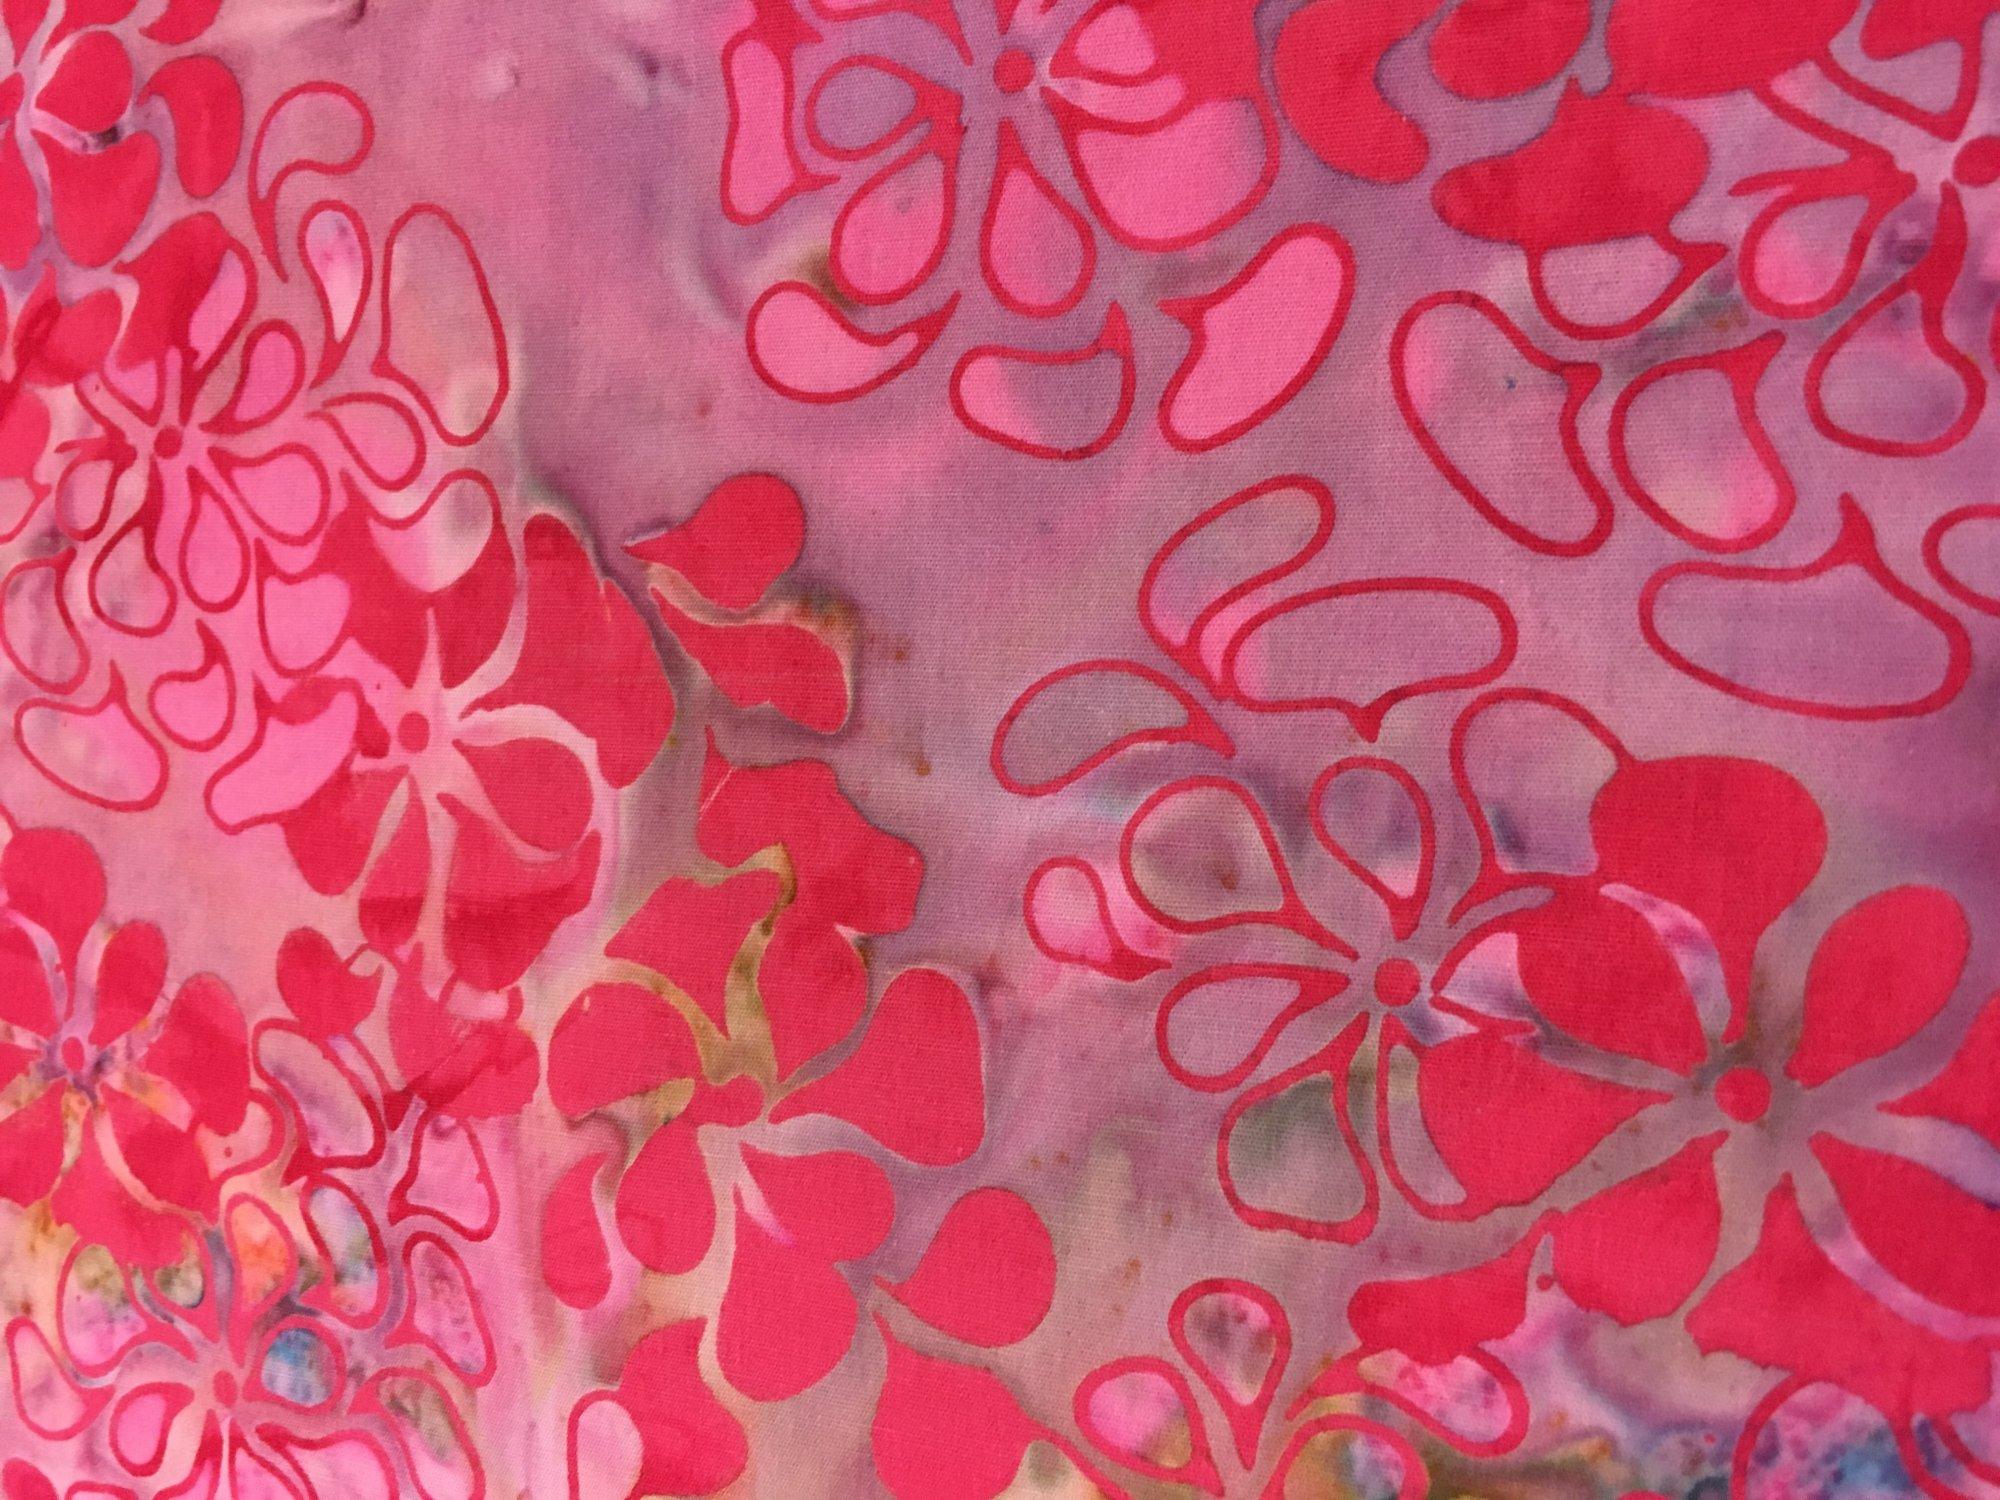 Batik Textiles Lingering Summer